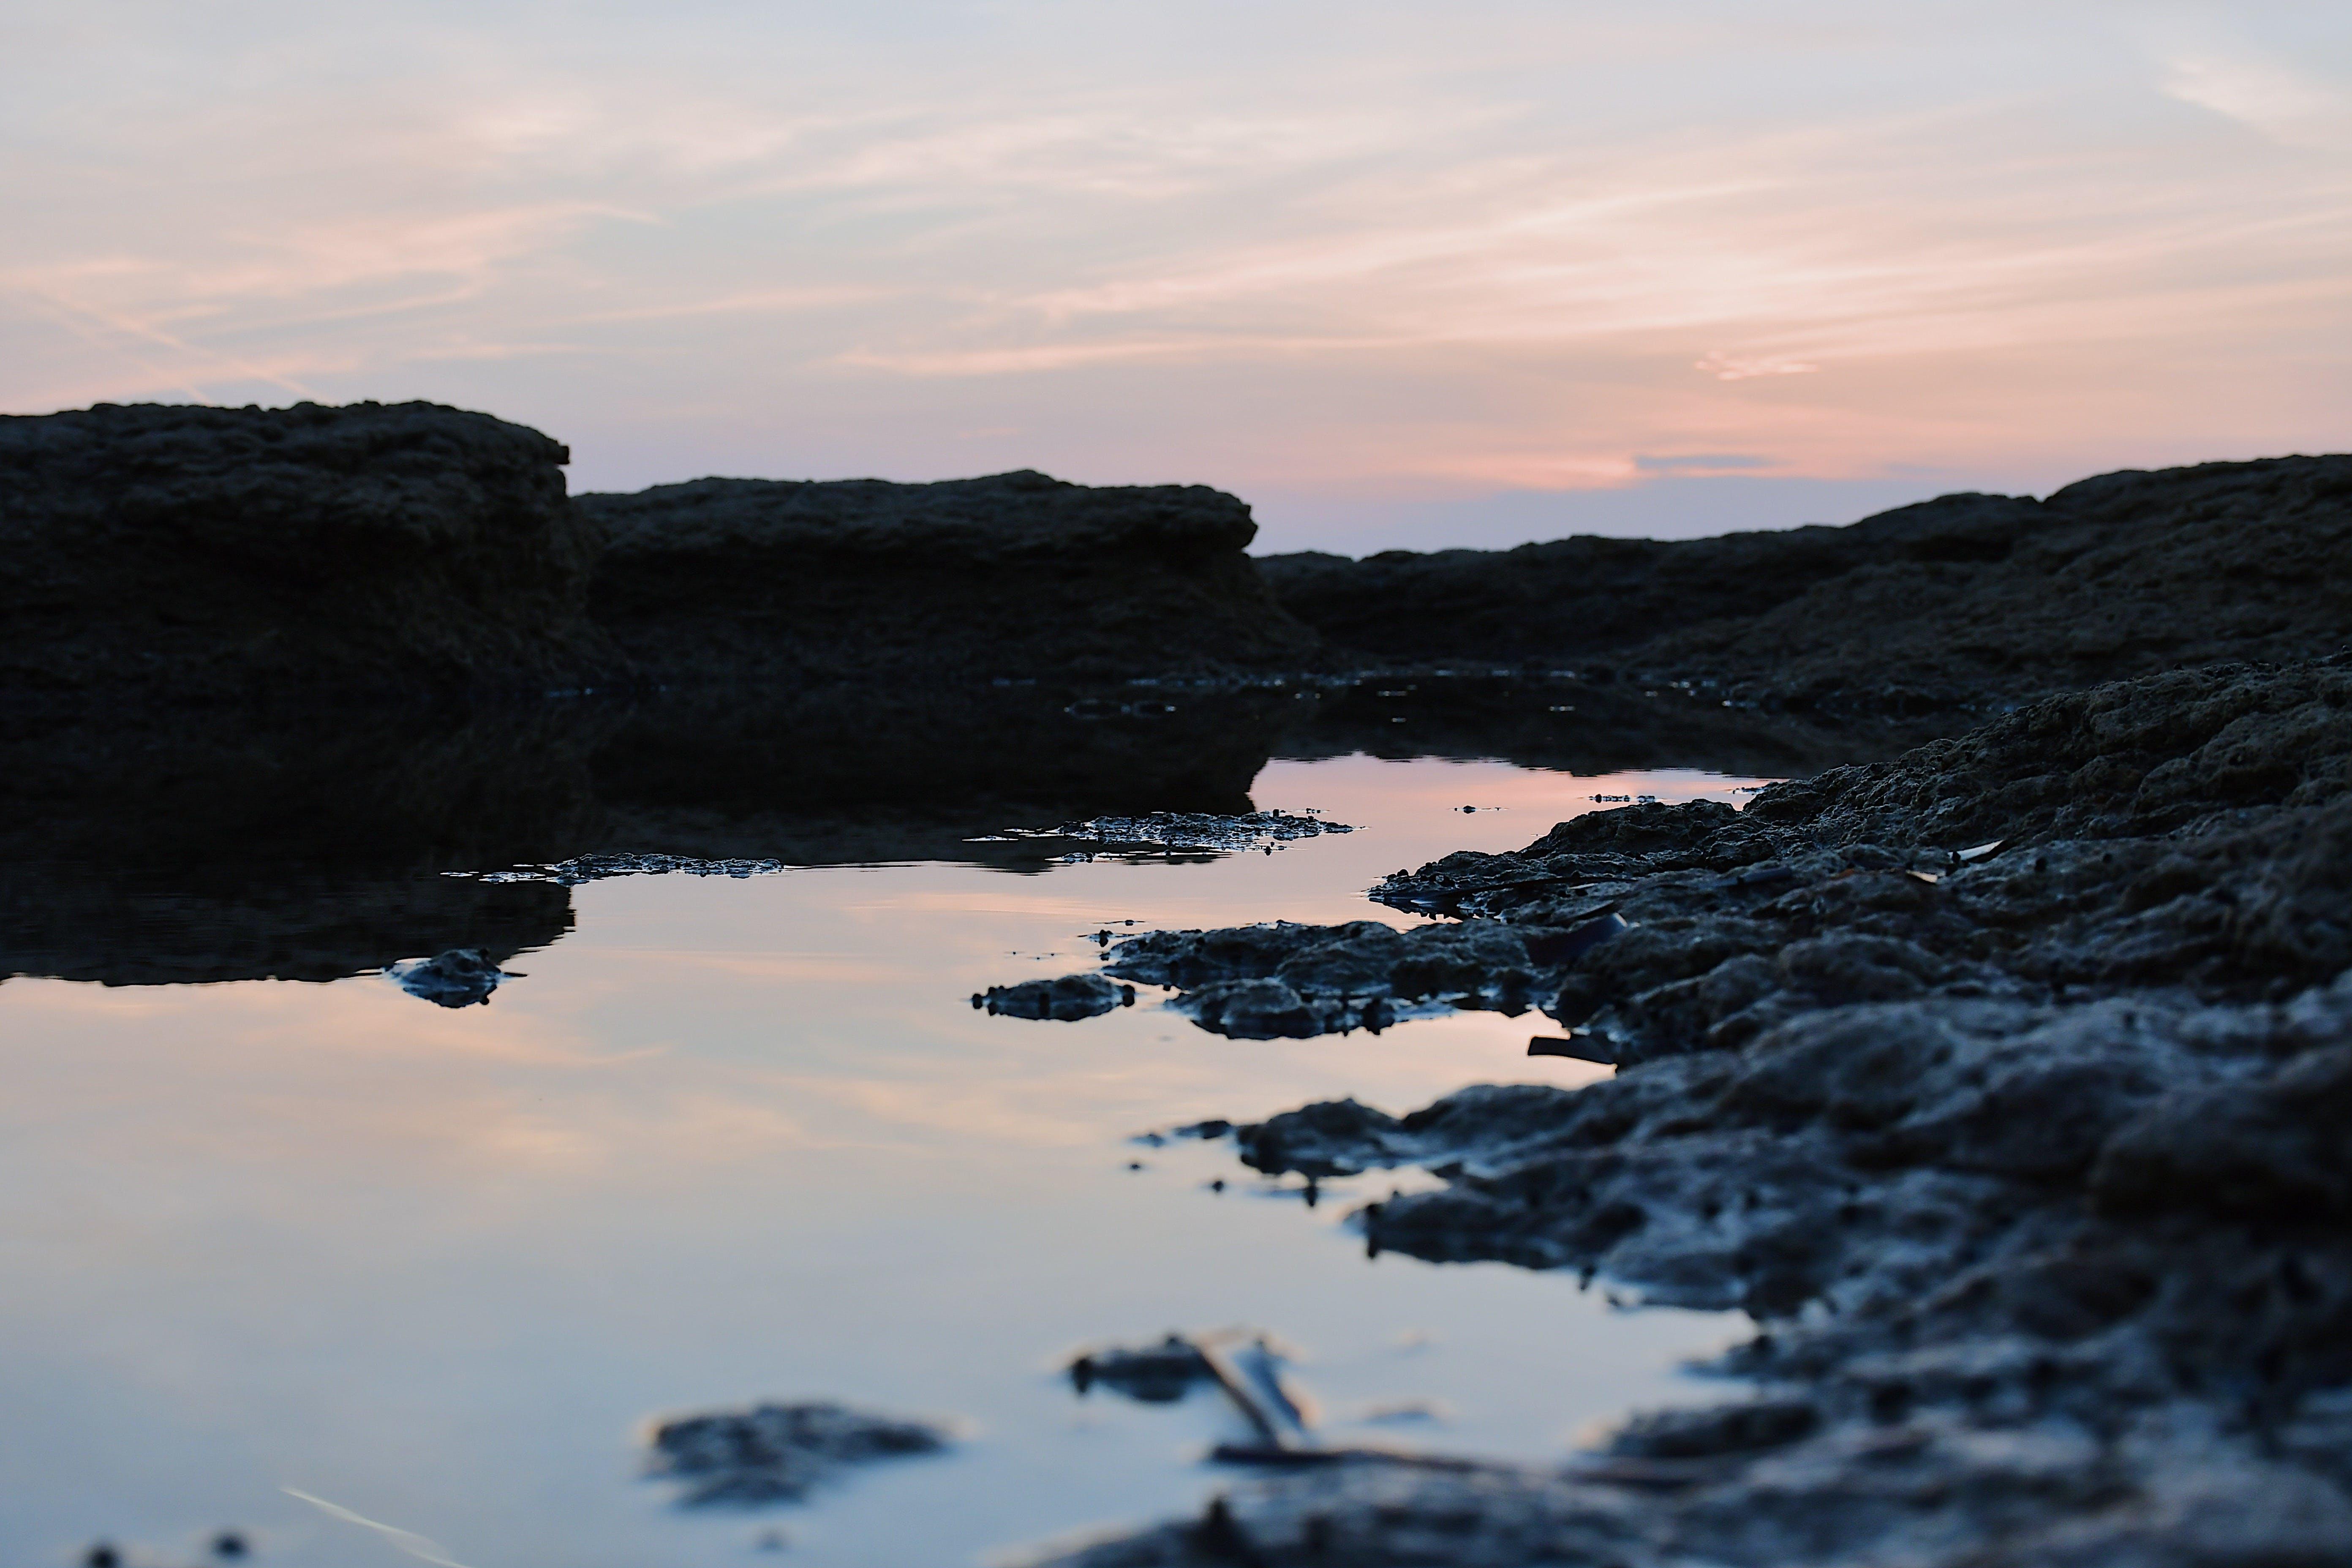 Kostenloses Stock Foto zu abend, felsen, gewässer, himmel